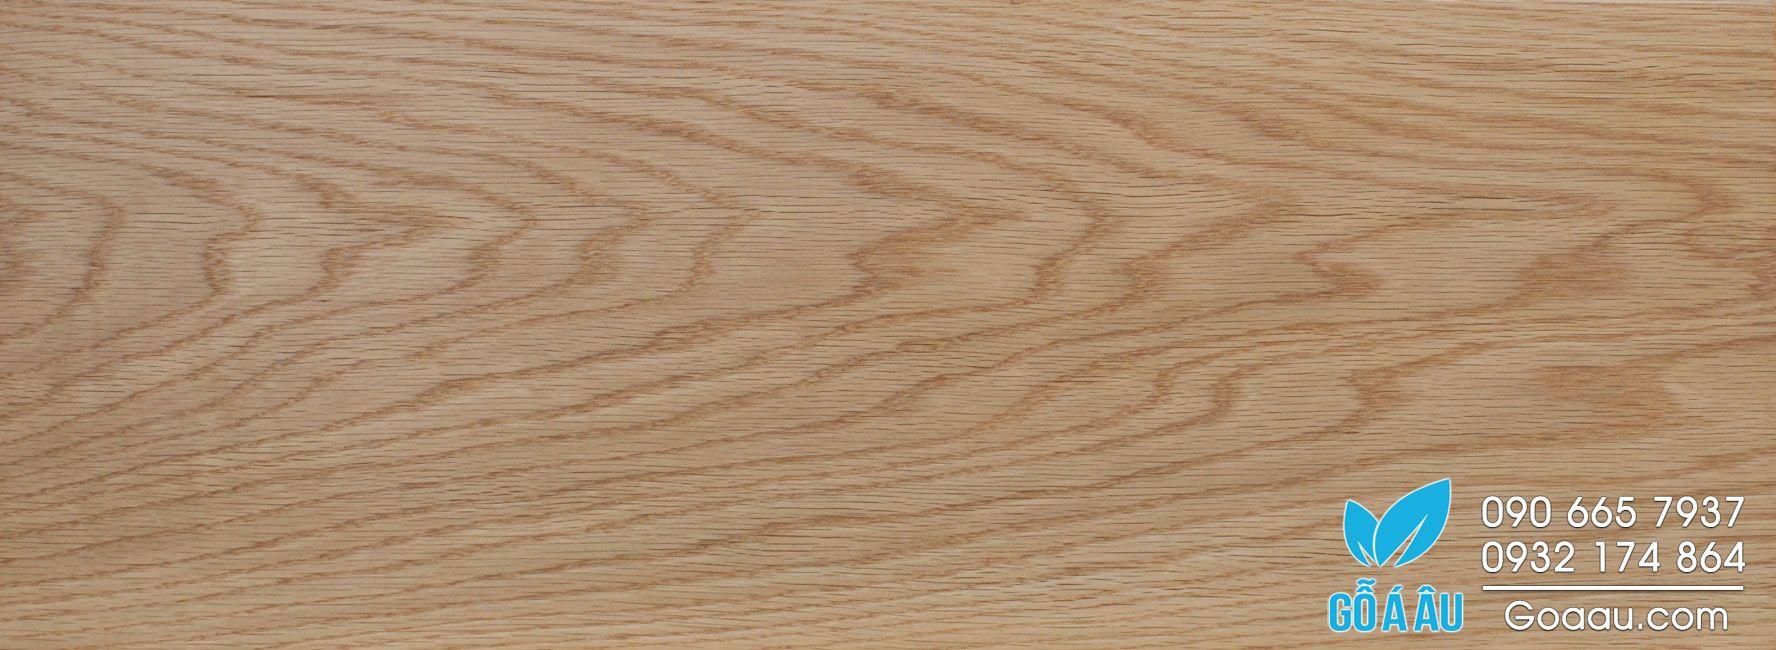 gỗ sồi mỹ